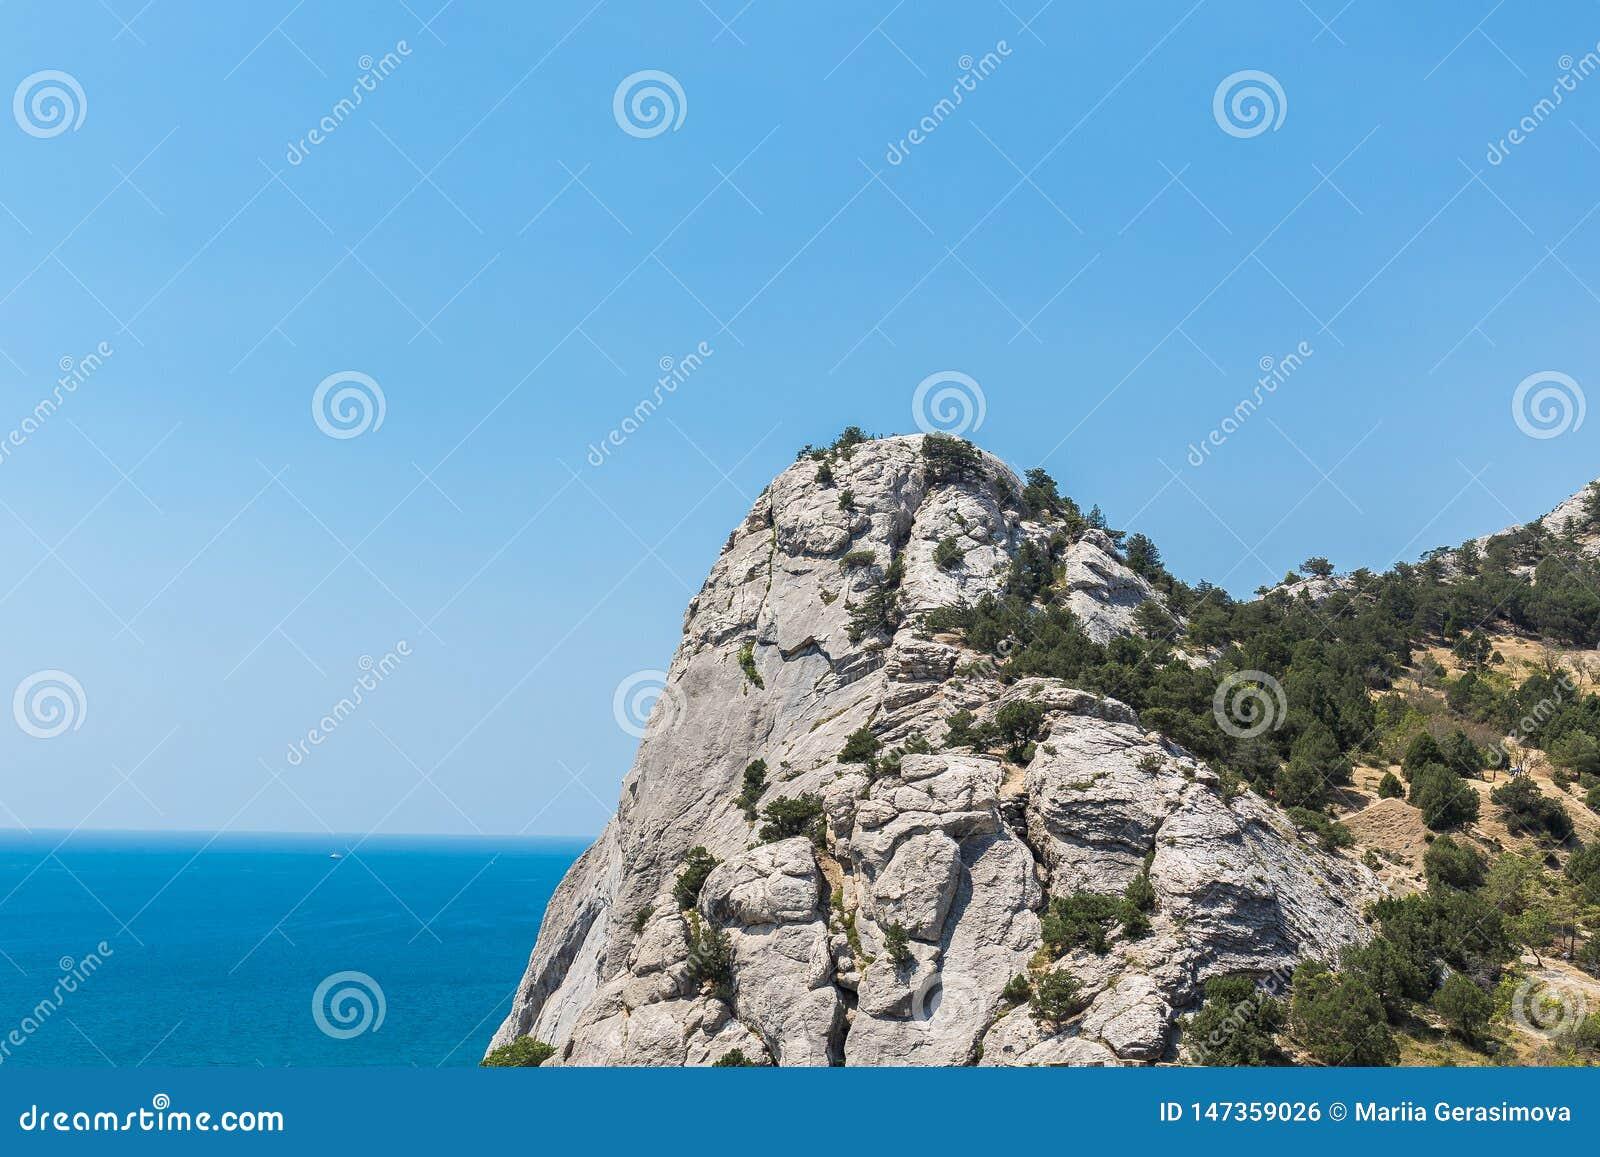 Entfernte Ansicht vom Berg zum blauen Meer